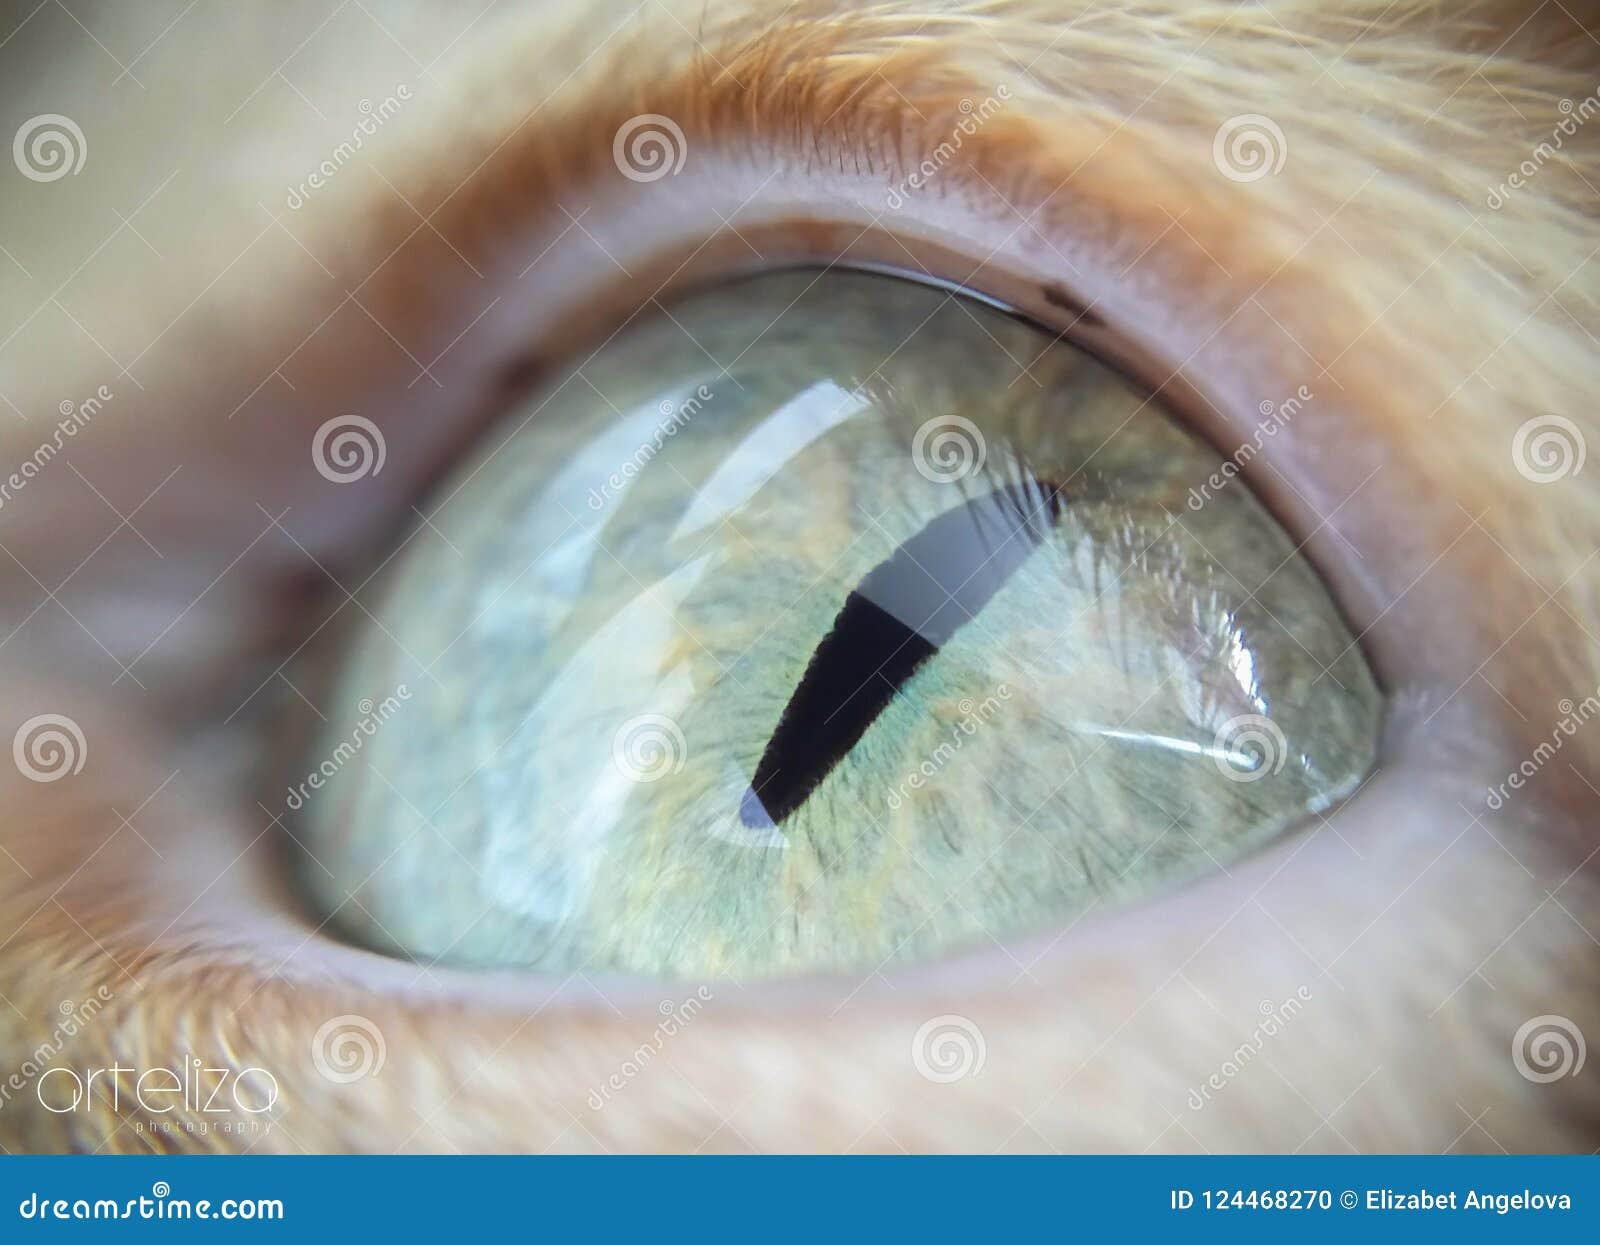 Ojo de gato verde macro